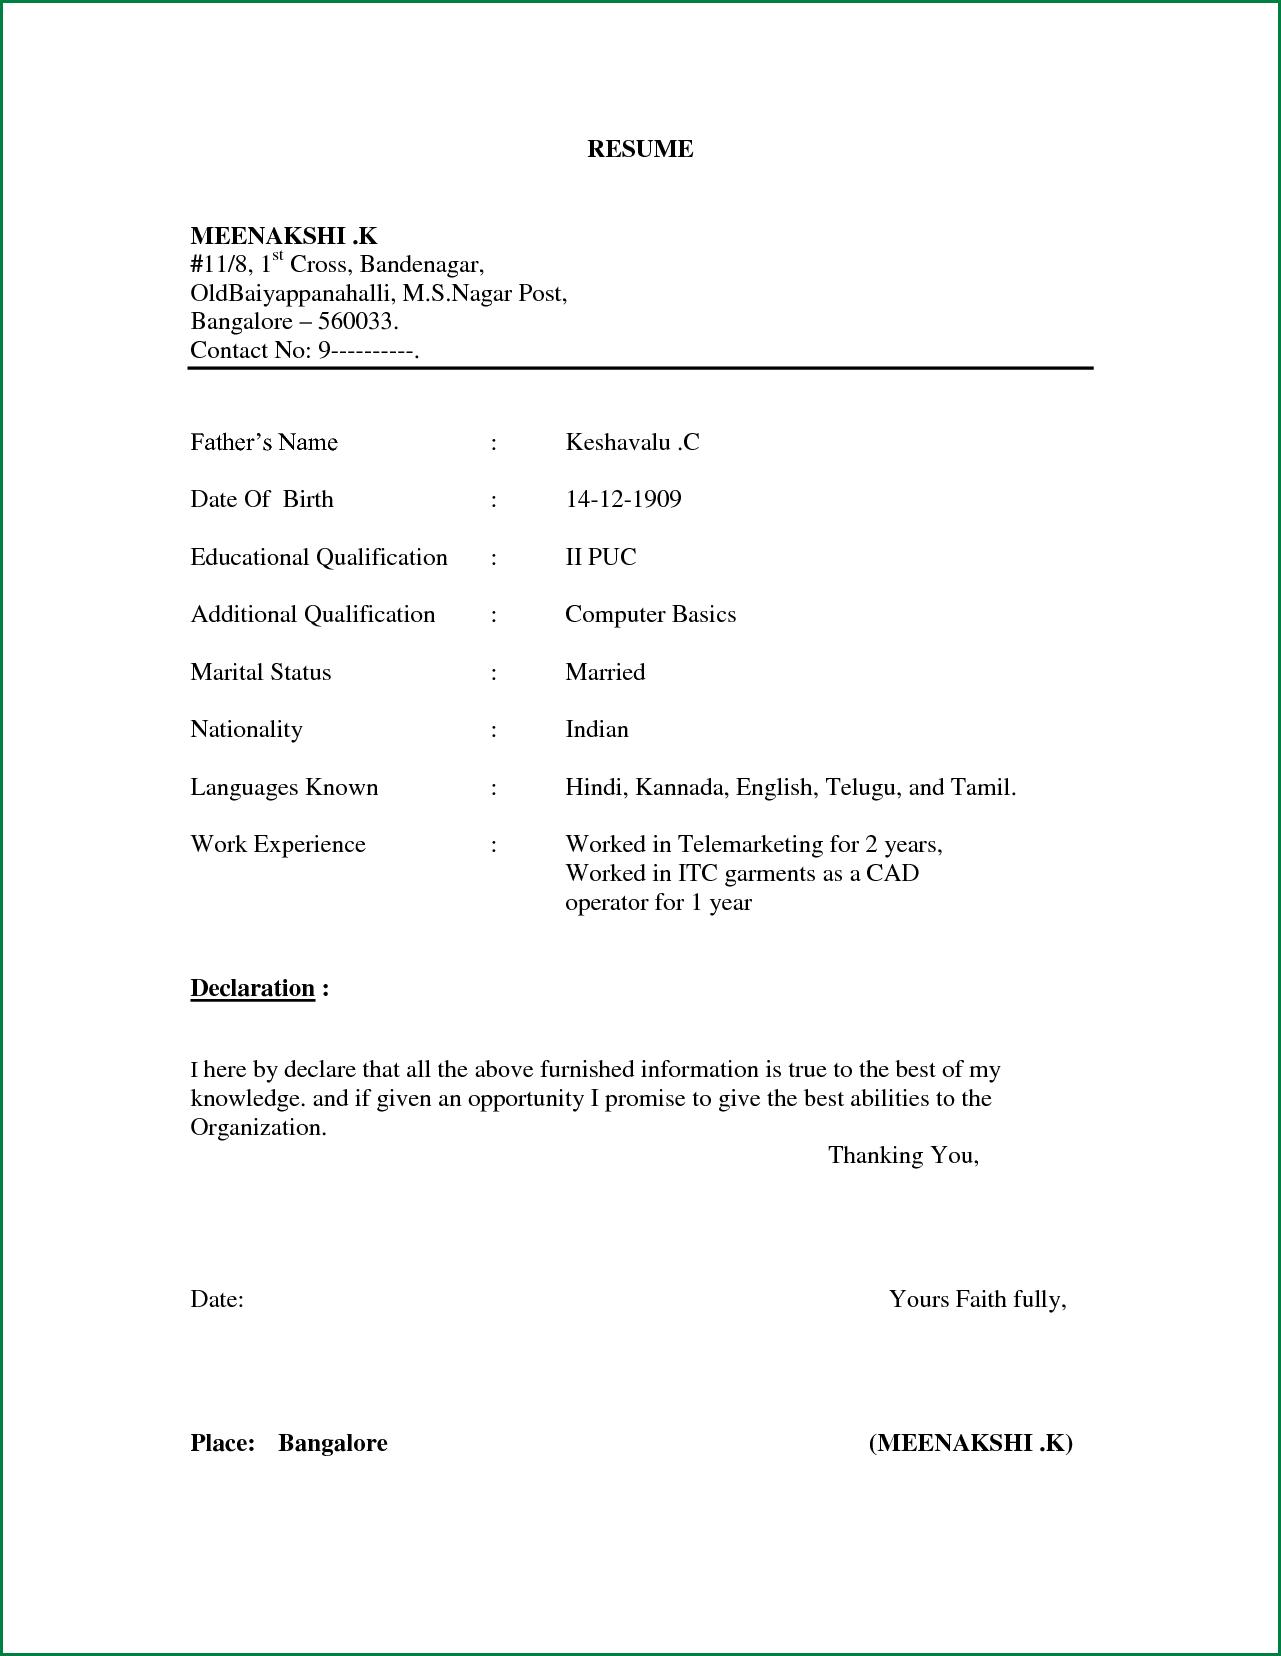 Pin by jayantadebnath on resume fresher  Basic resume format Simple resume format Resume